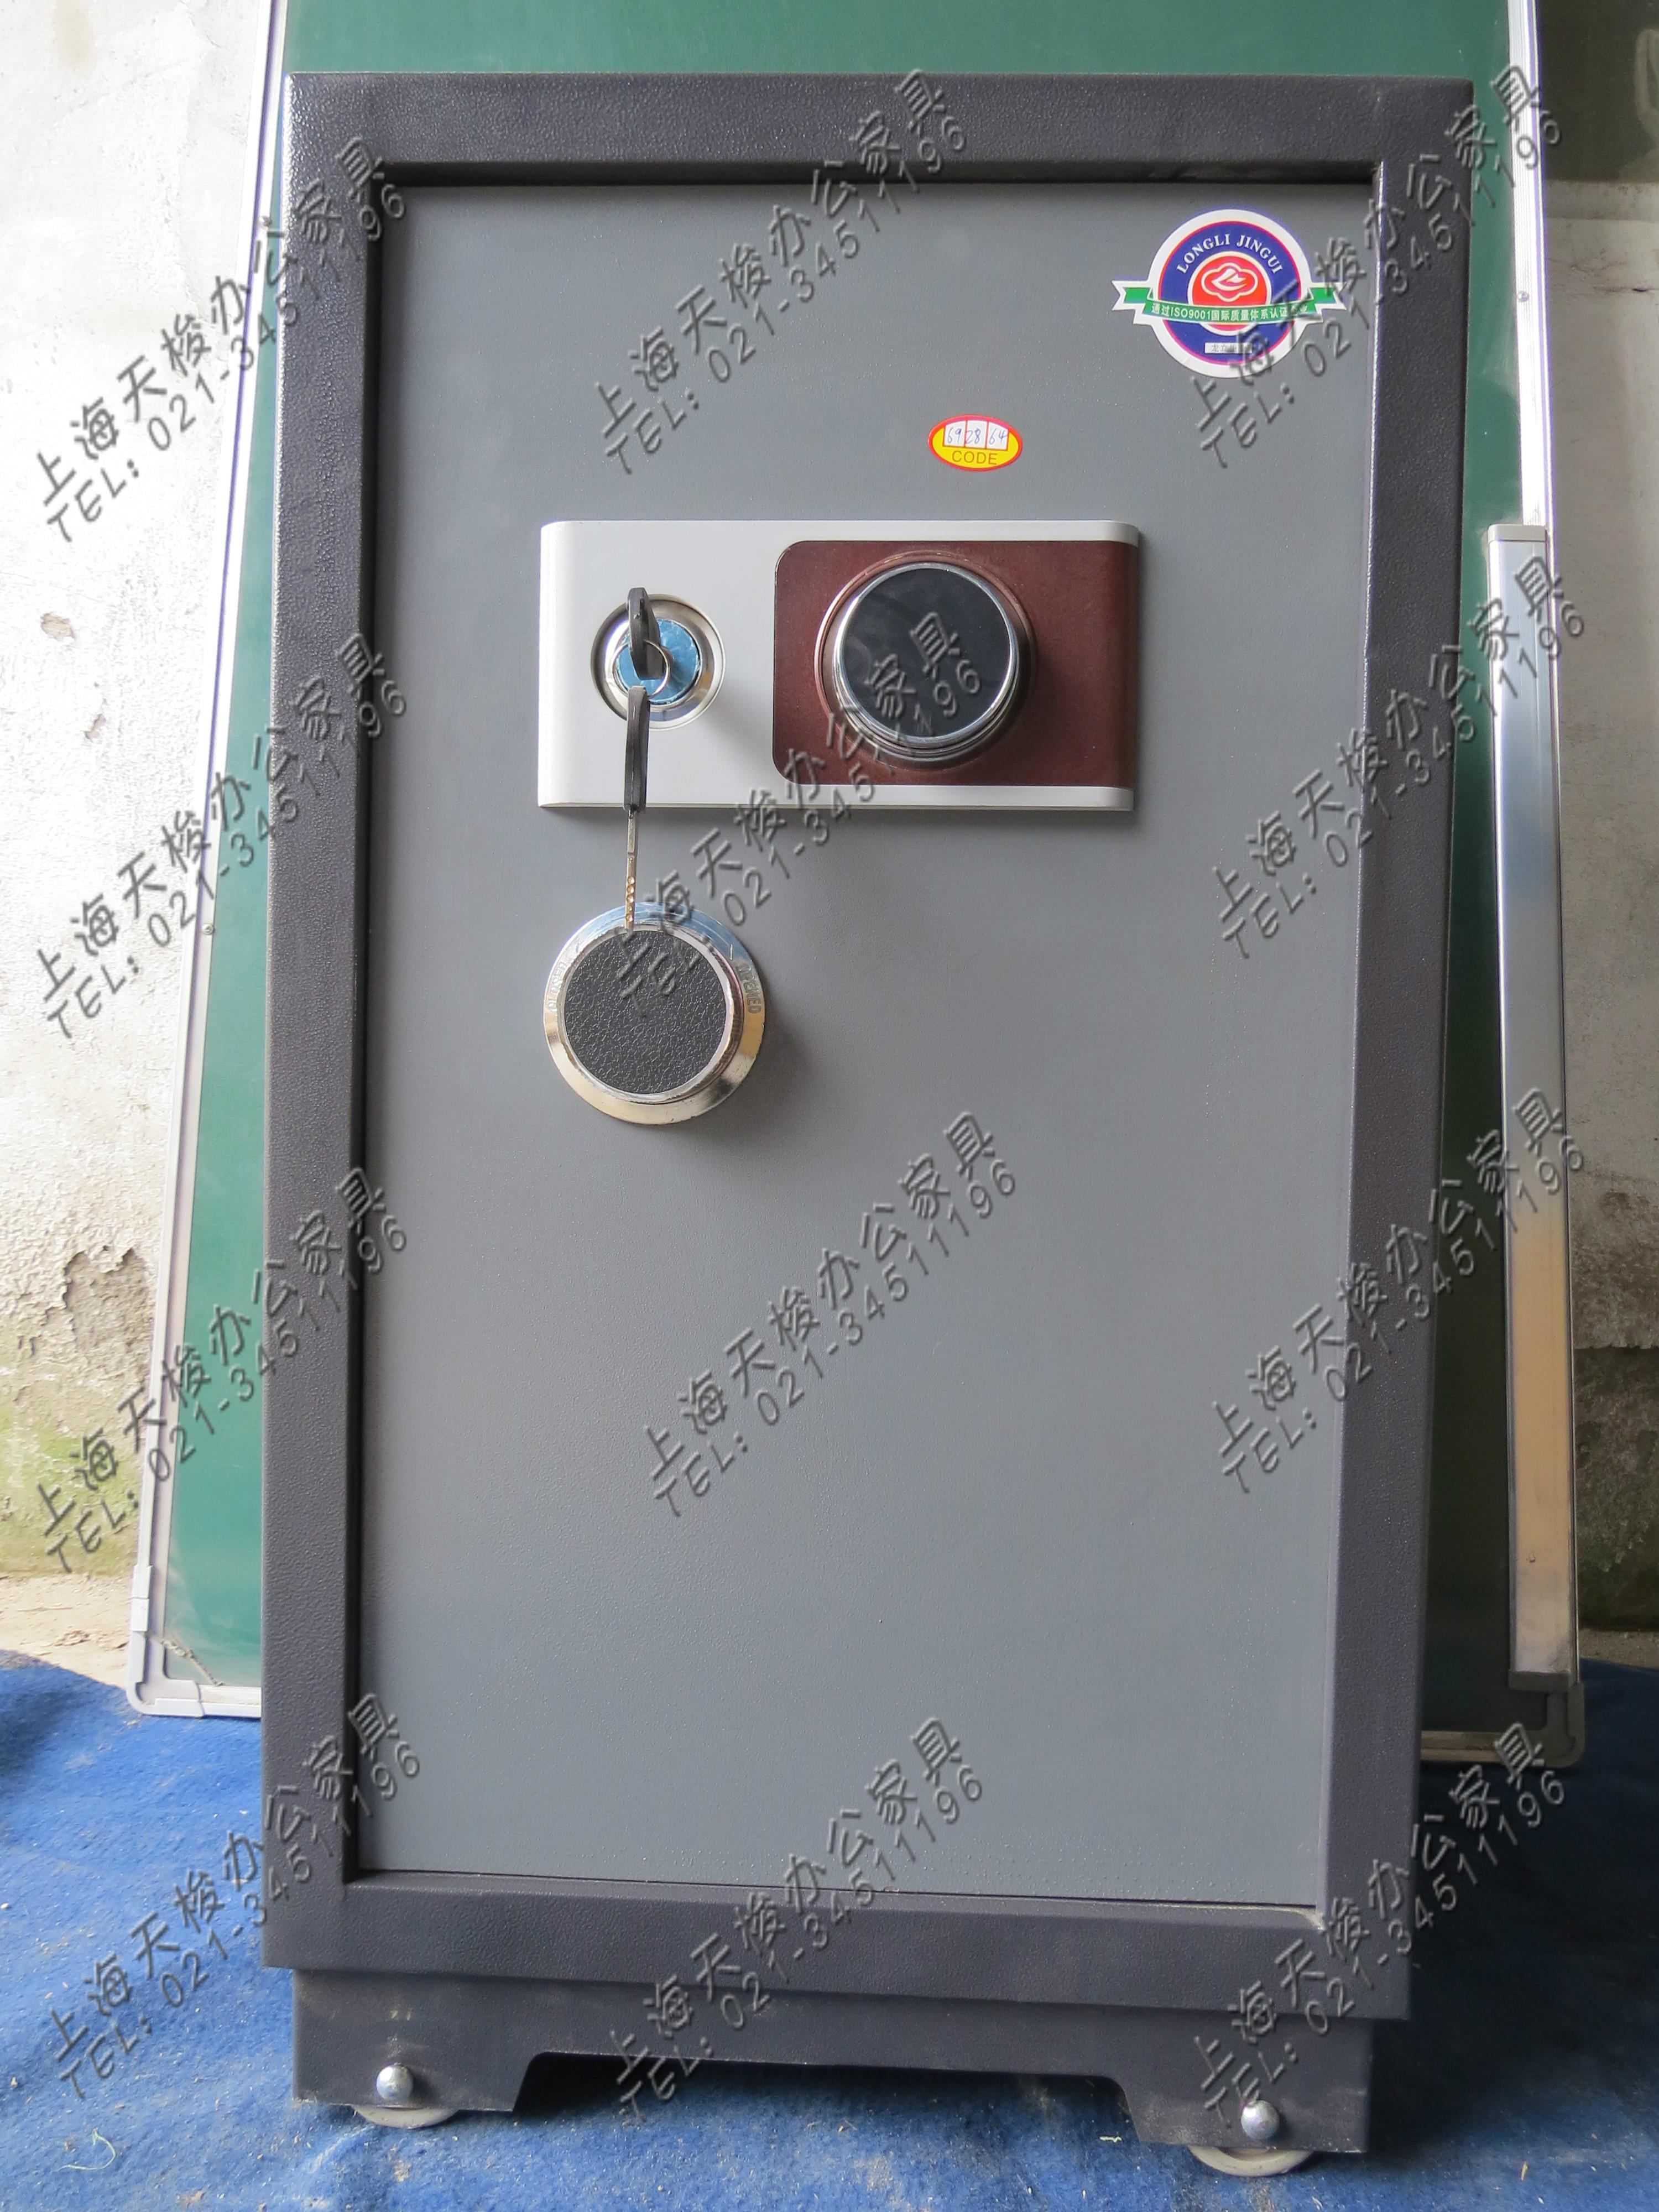 сейф Tissot в Шанхае офиса мебель безопасный пароль безопасного кабинет